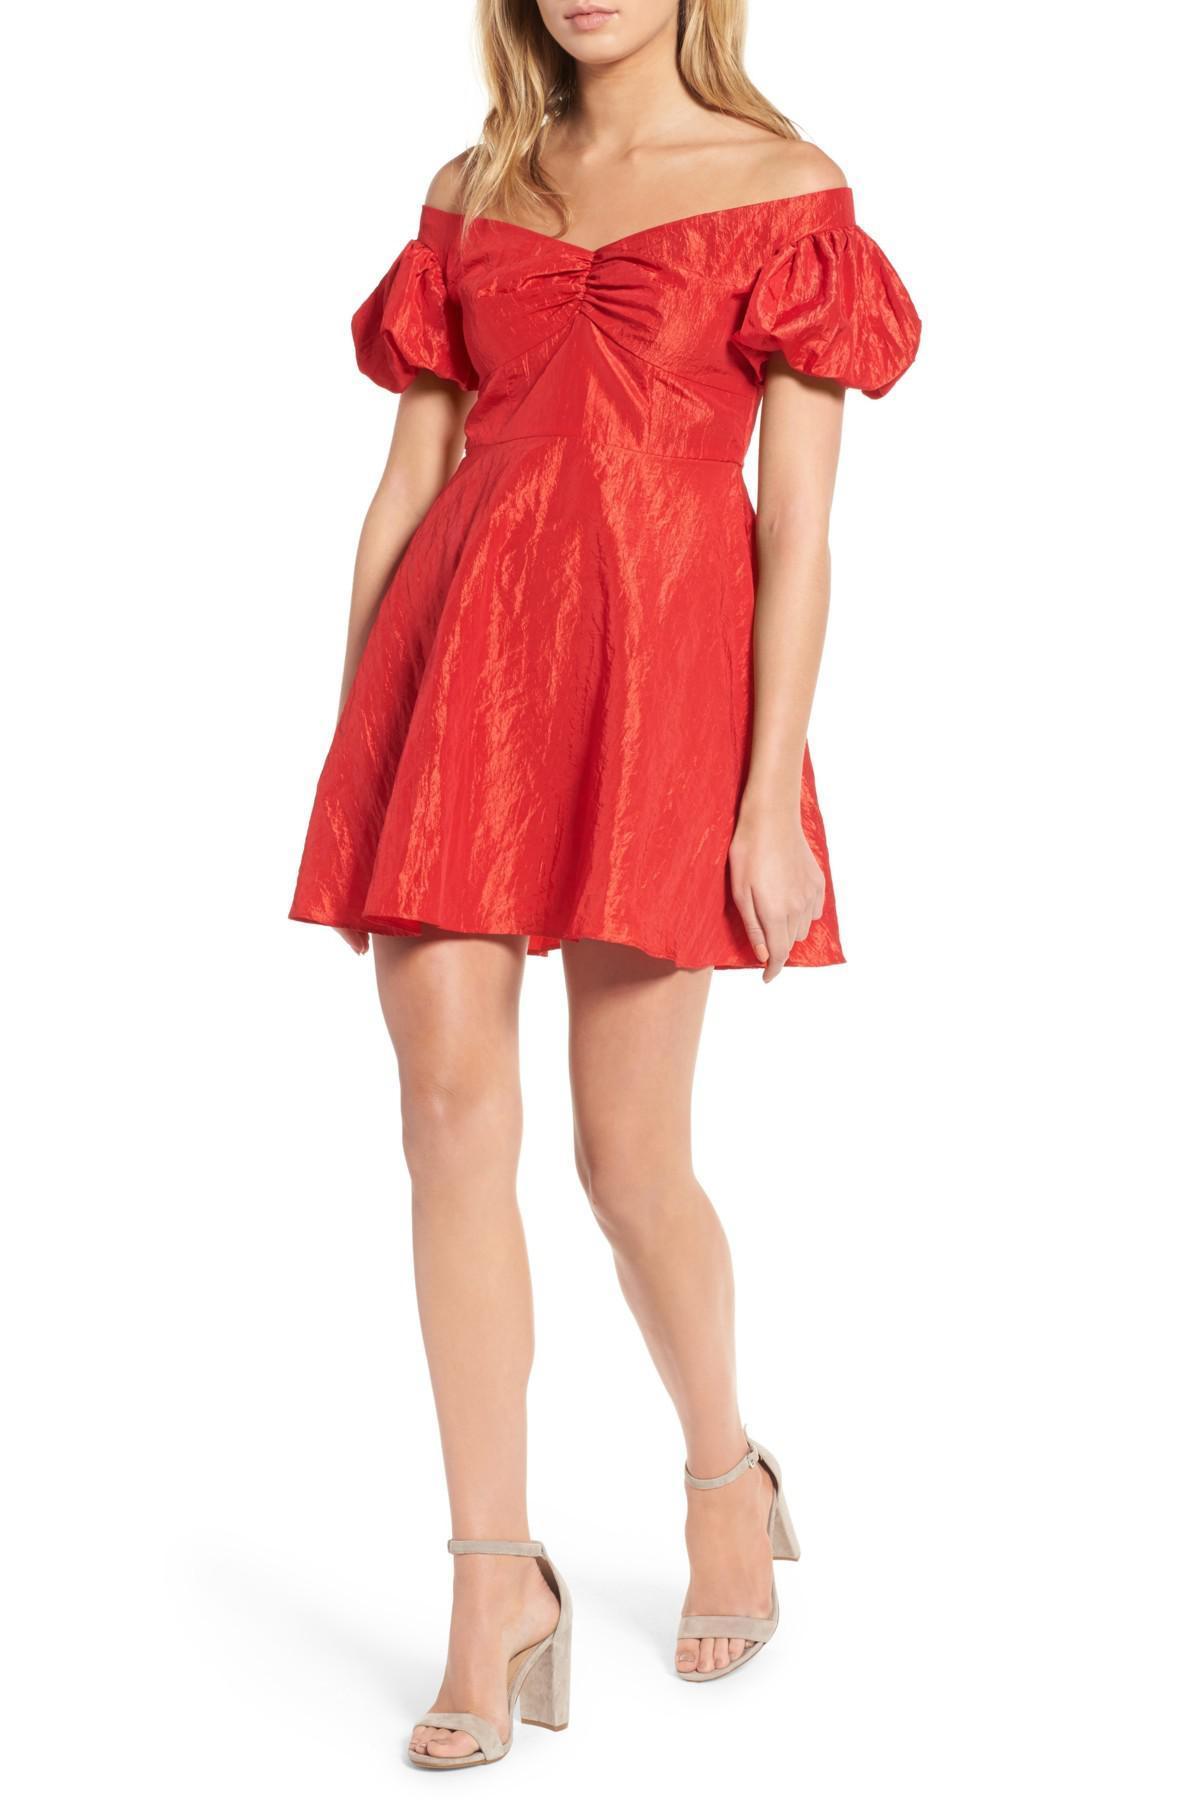 da59feddf2c4e6 TOPSHOP Taffy Puff Sleeve Off The Shoulder Dress in Red - Lyst